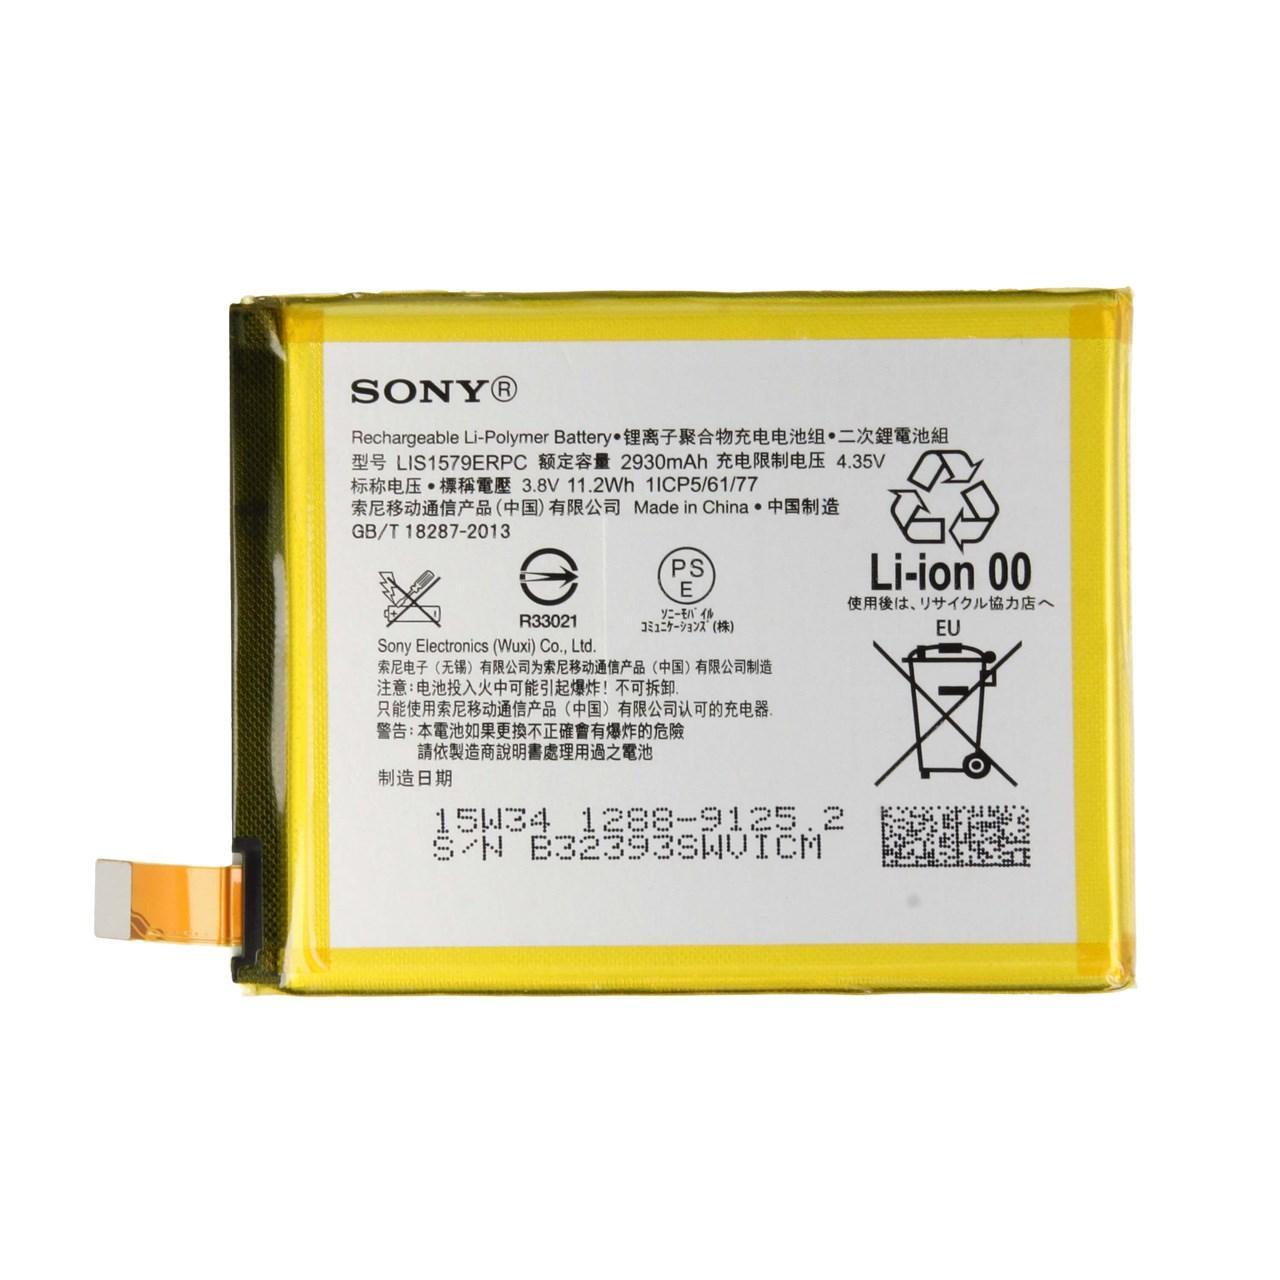 باتری موبایل مدل Xperia Z4/Z3 Plus با ظرفیت 2930mAh مناسب برای گوشی موبایل سونی Xperia Z4/Z3 Plus